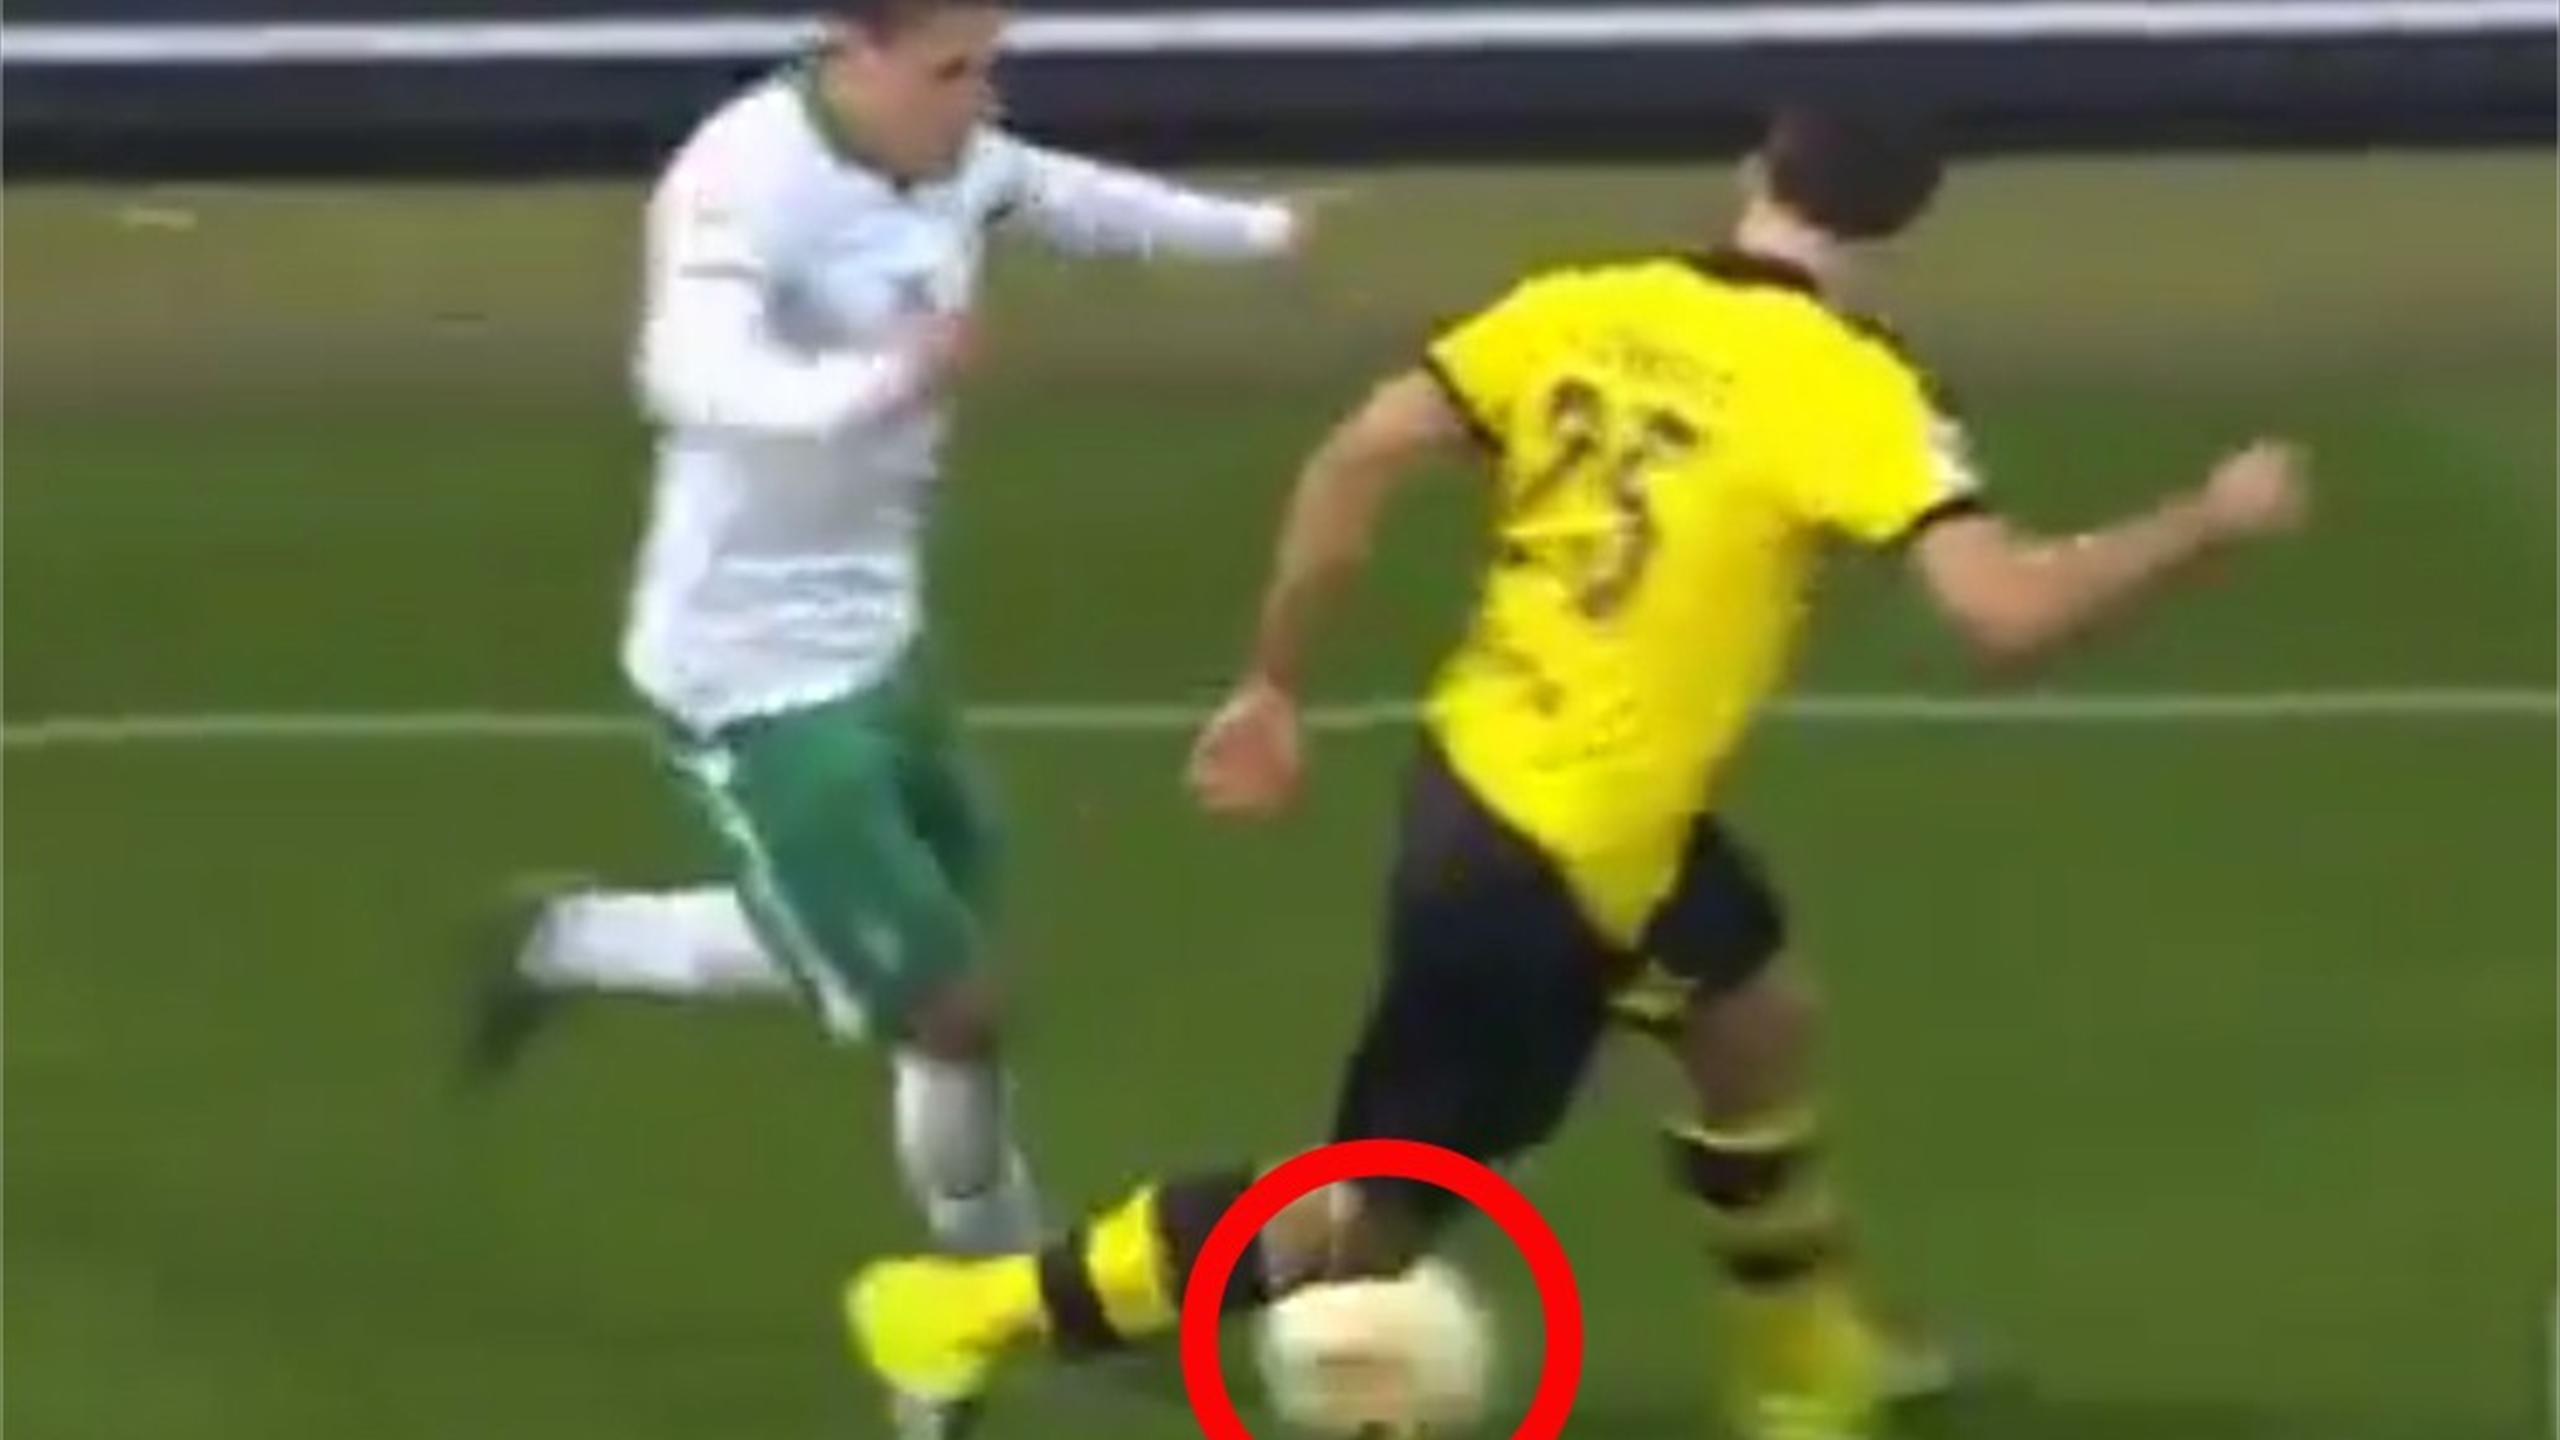 Borussia Dortmund's Sokratis Papastathopoulos gets nutmegged by Werder Bremen's Zlatko Junuzovic